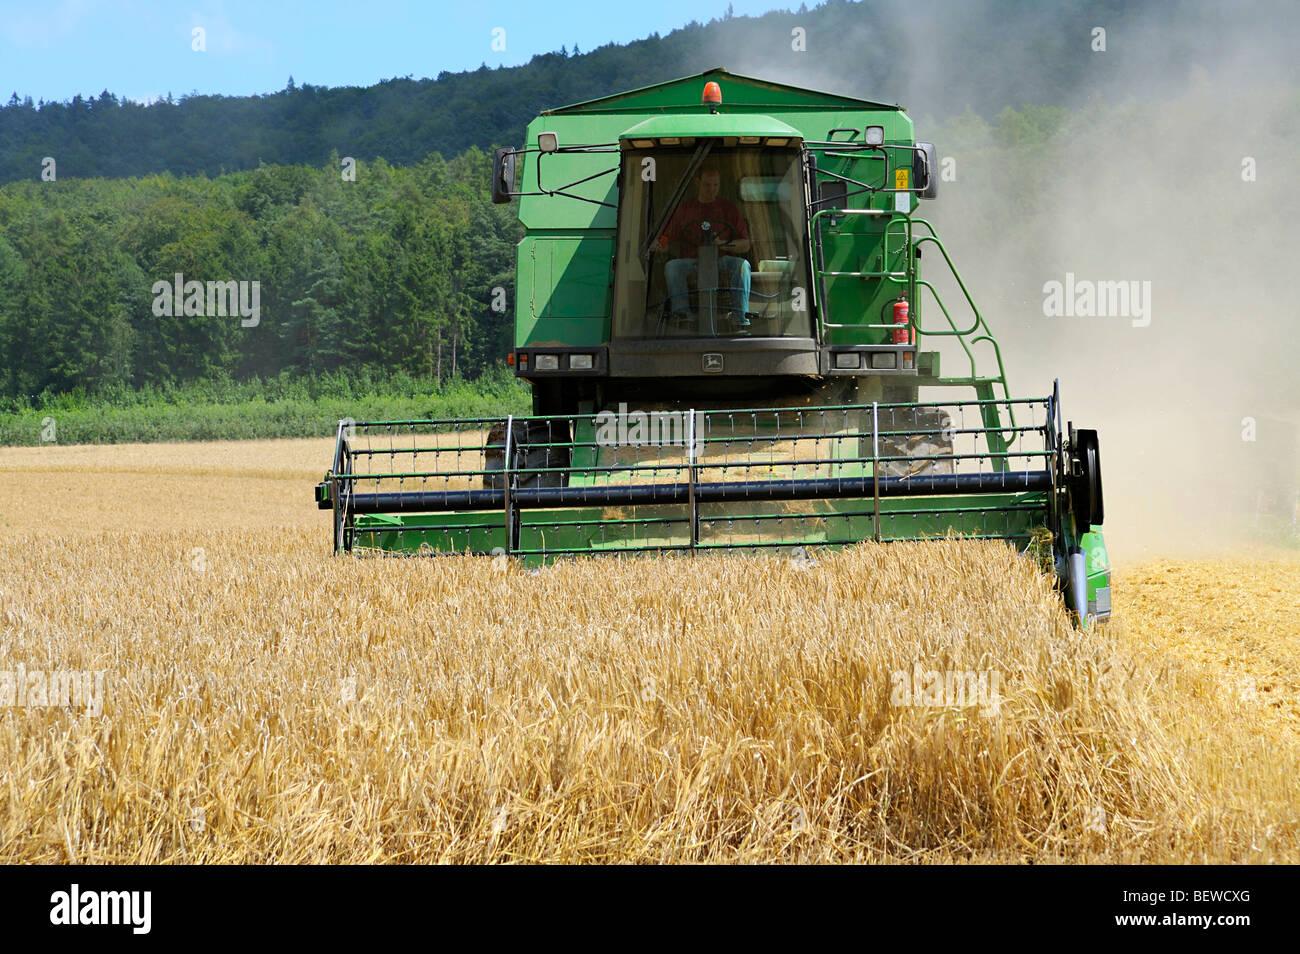 Mähdrescher im Mais Feld, Spessart, Bayern, Deutschland, Vorderansicht Stockfoto